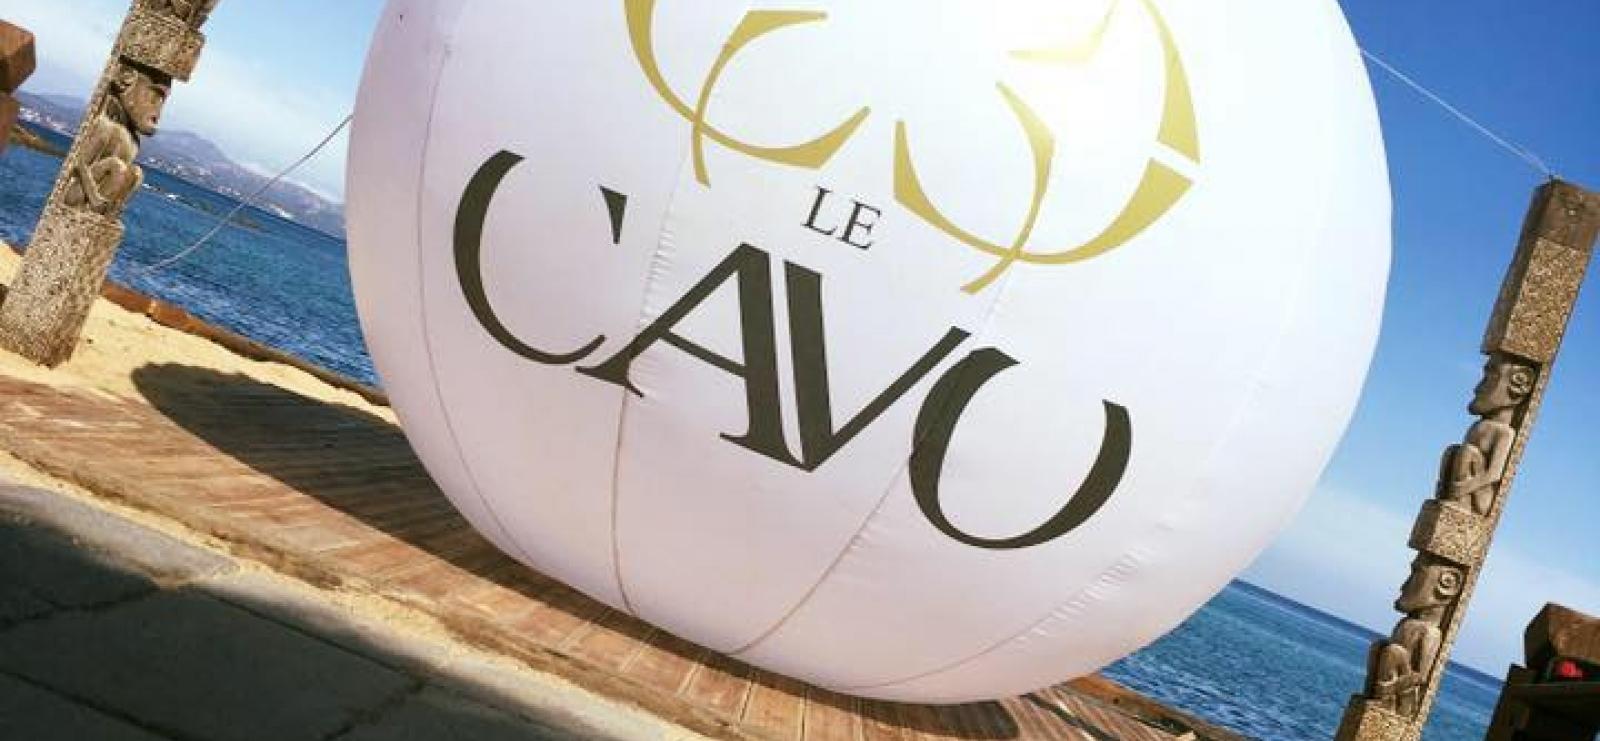 Le Cavo - discothèque